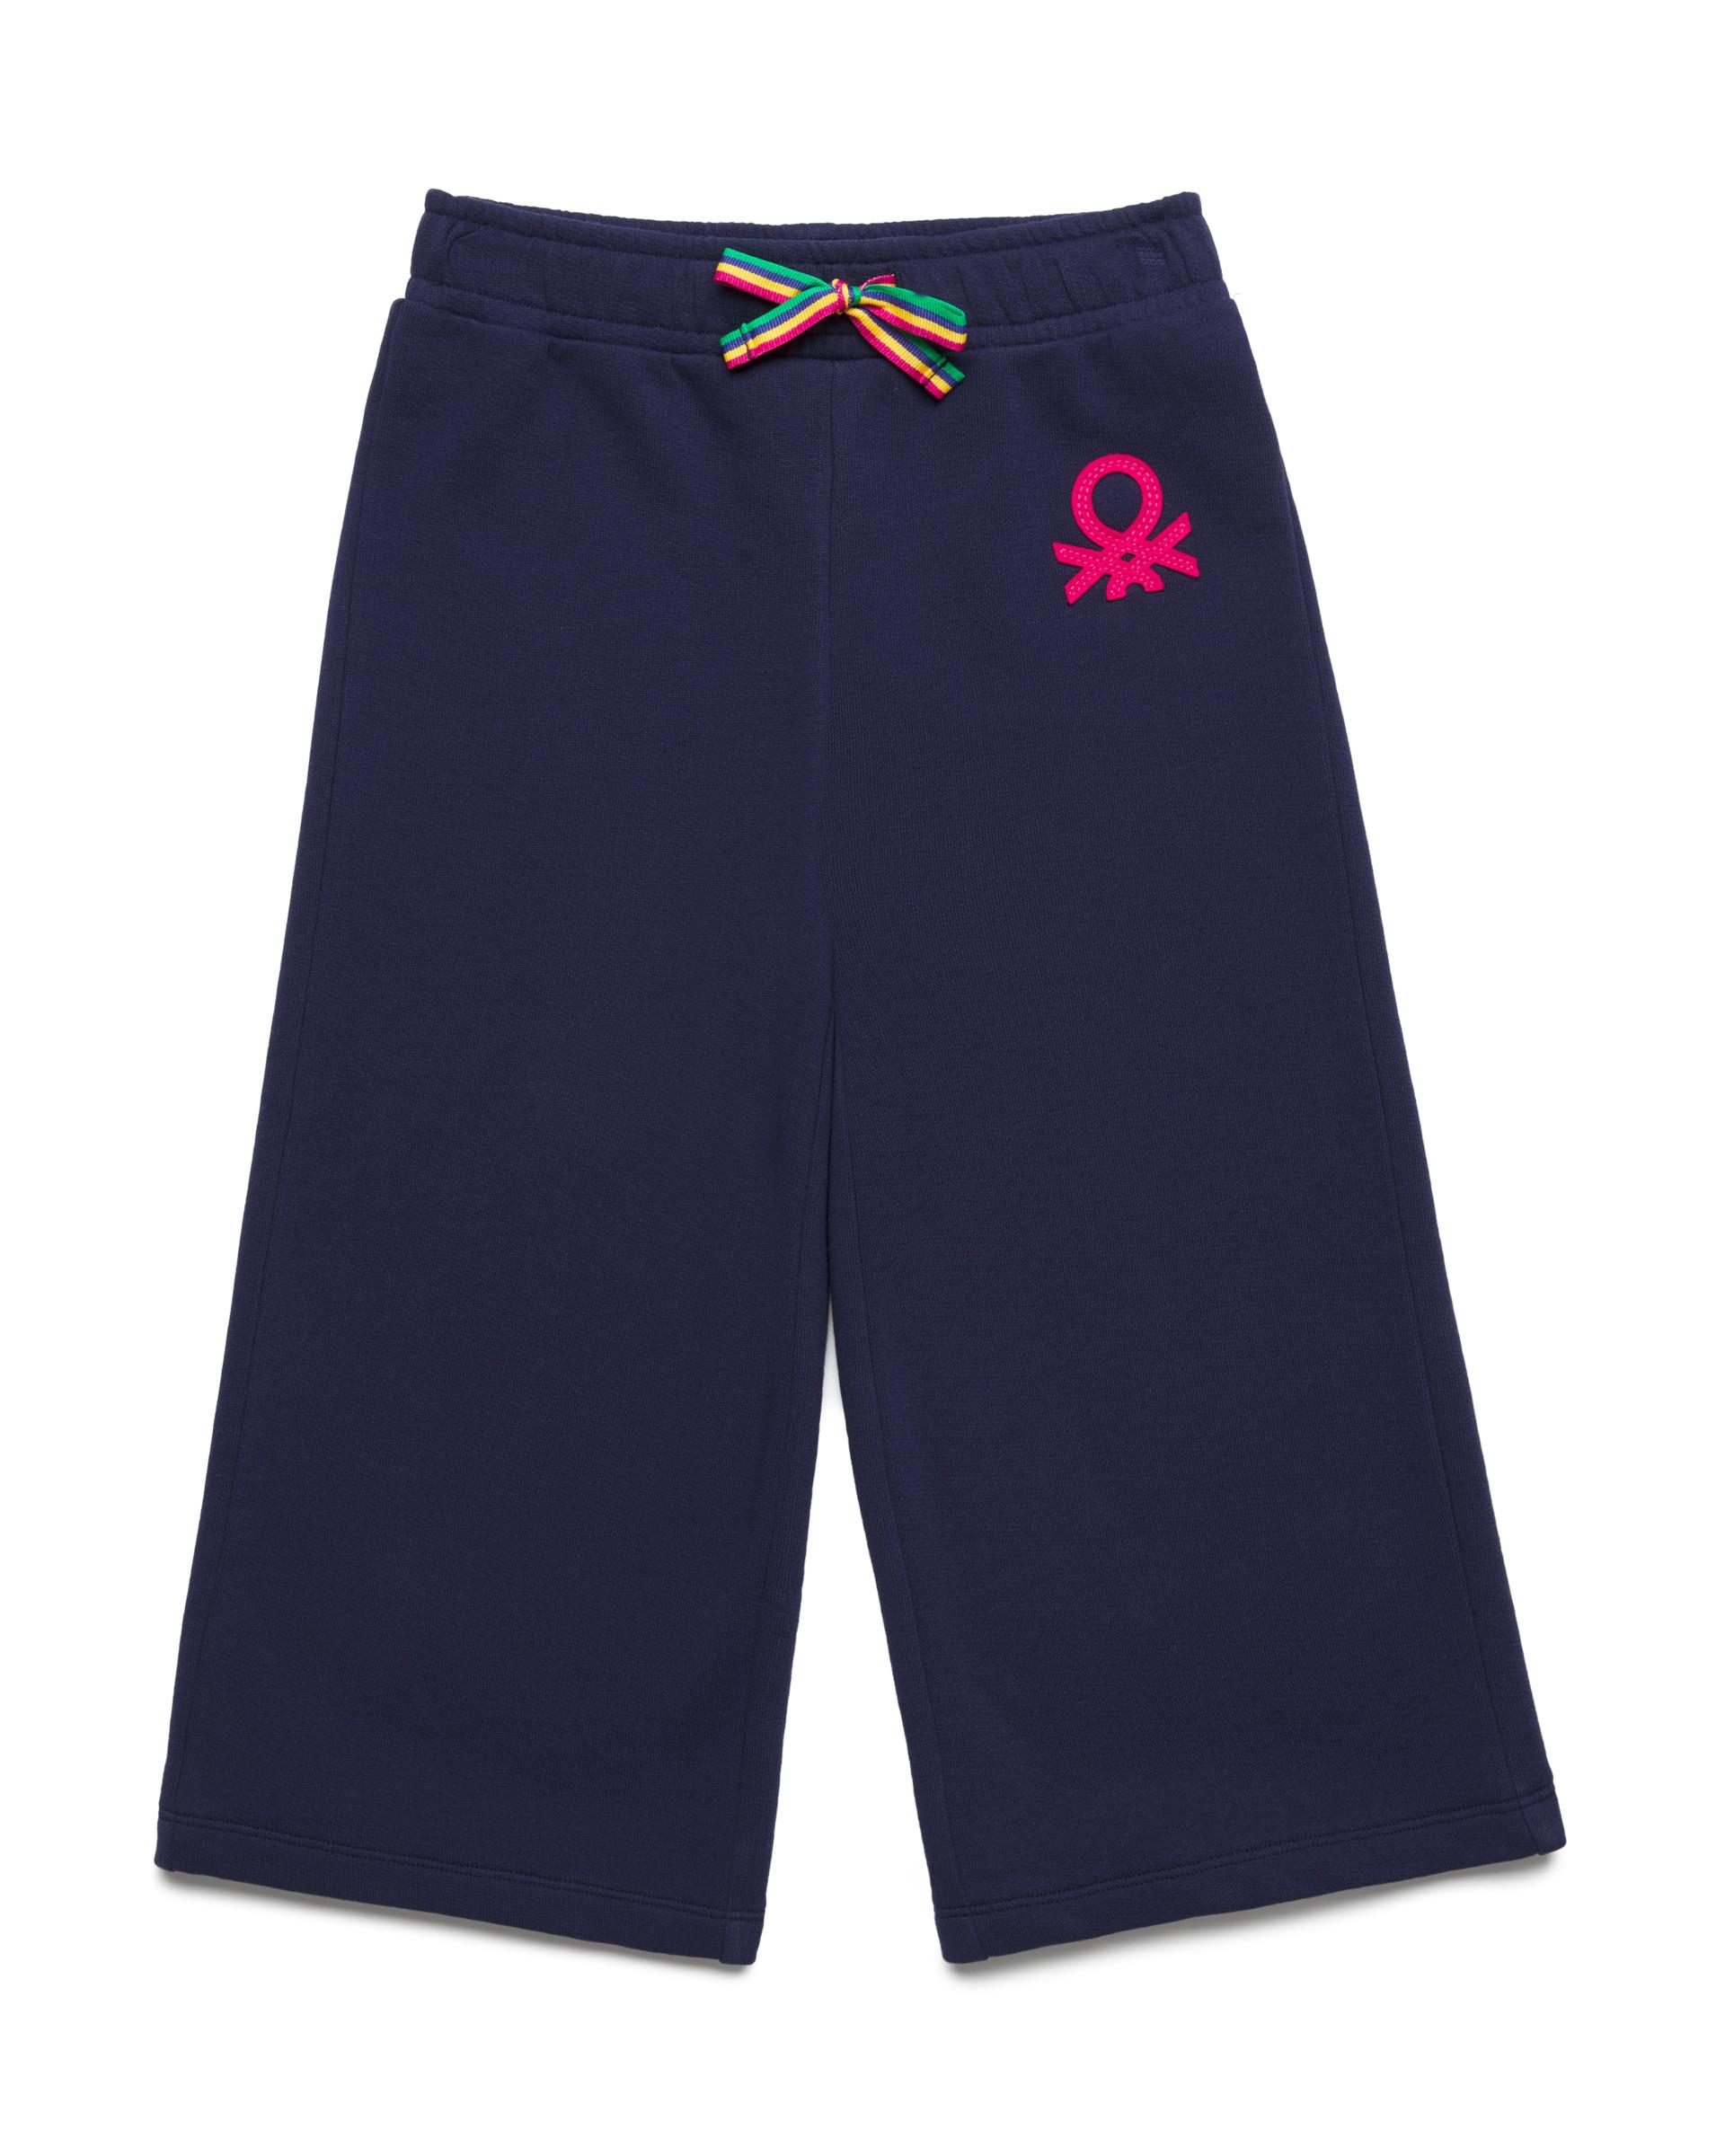 Купить 20P_3J68I0982_252, Спортивные брюки-кюлоты 3/4 для девочек Benetton 3J68I0982_252 р-р 122, United Colors of Benetton, Брюки для девочек